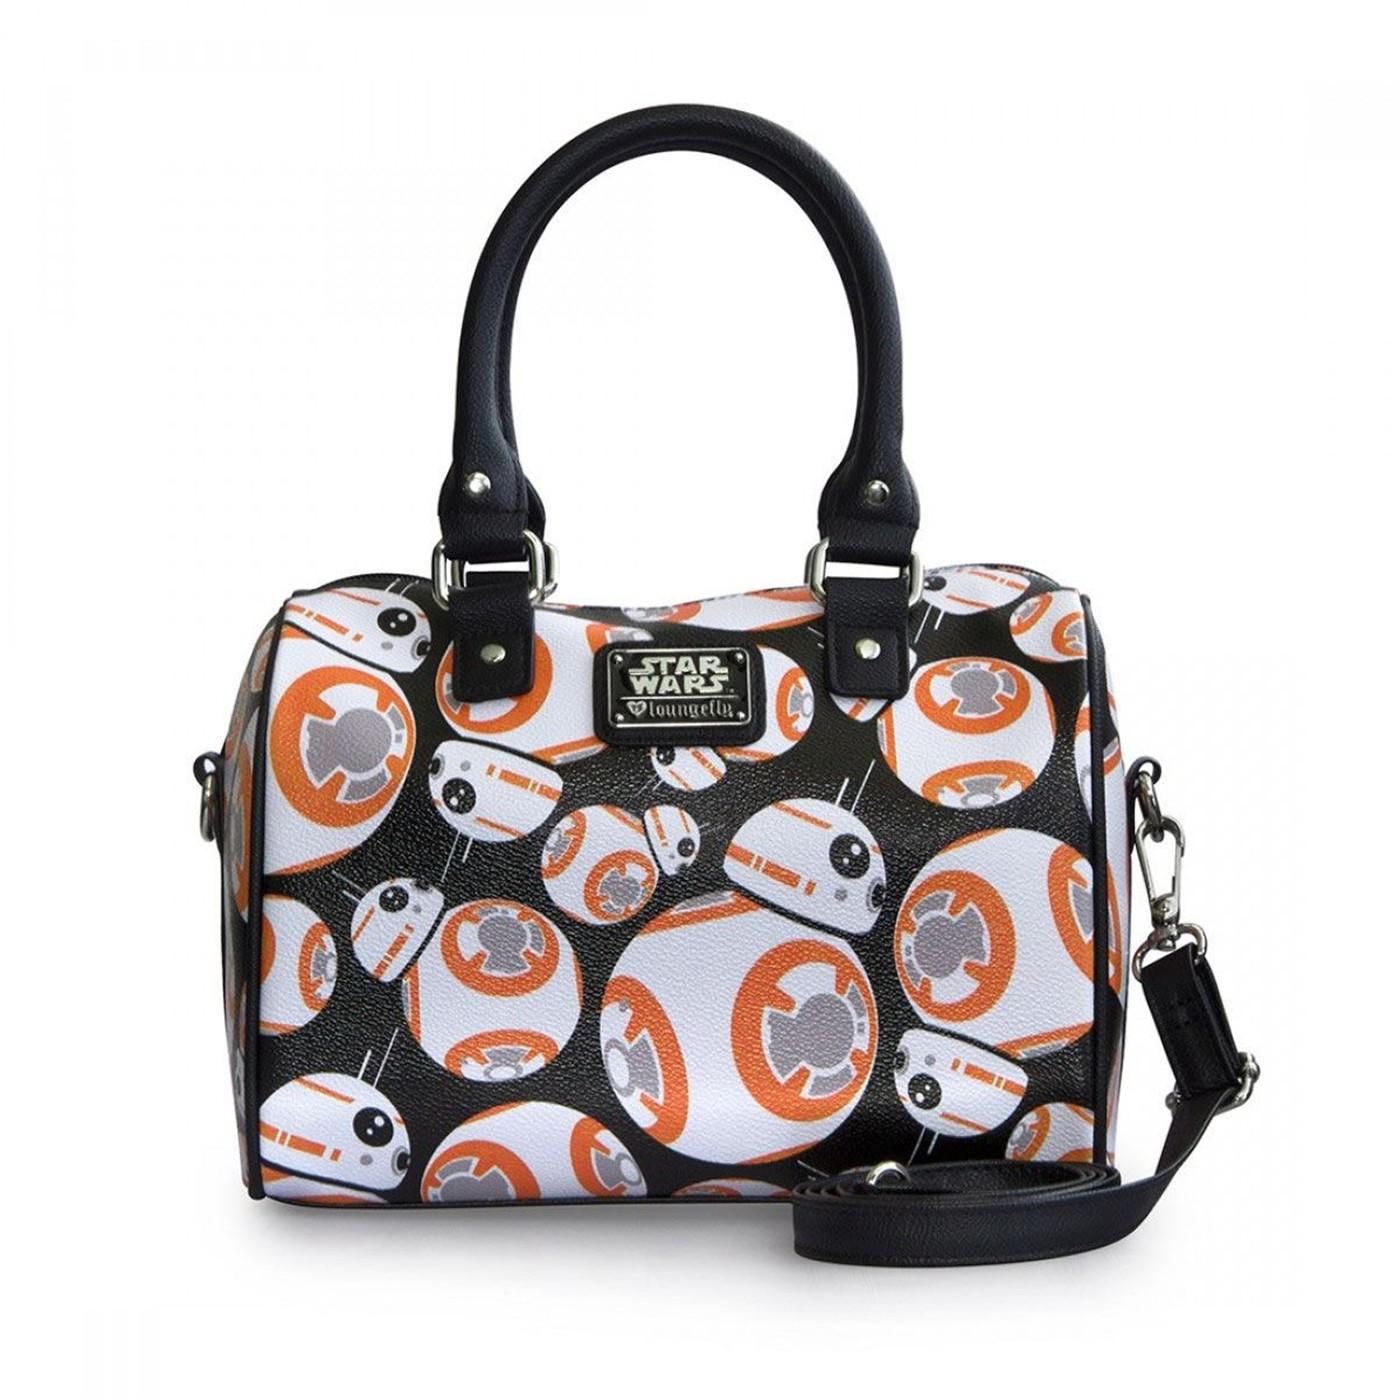 BB-8 Star Wars Purse